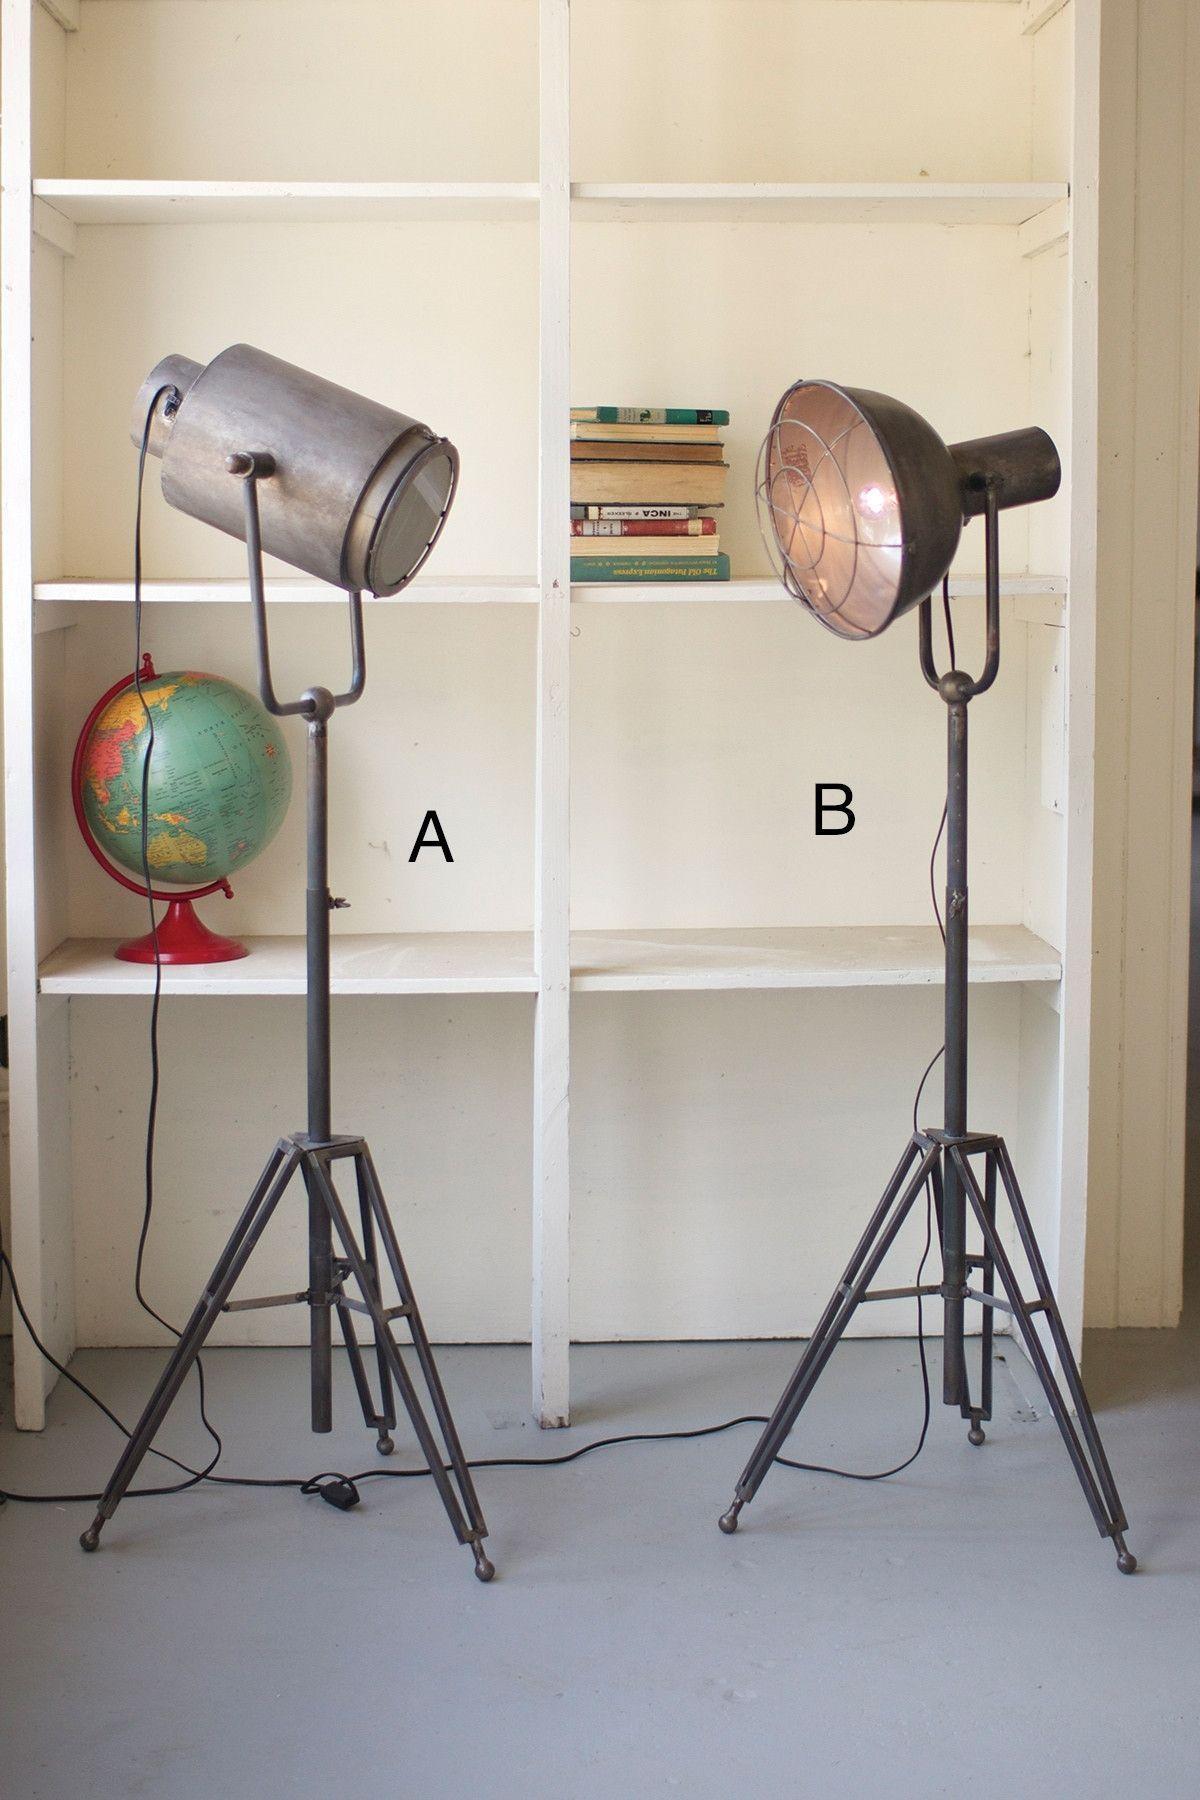 die besten 25 hohe stehlampen ideen auf pinterest bodenlampe dekorative stehlampen und. Black Bedroom Furniture Sets. Home Design Ideas